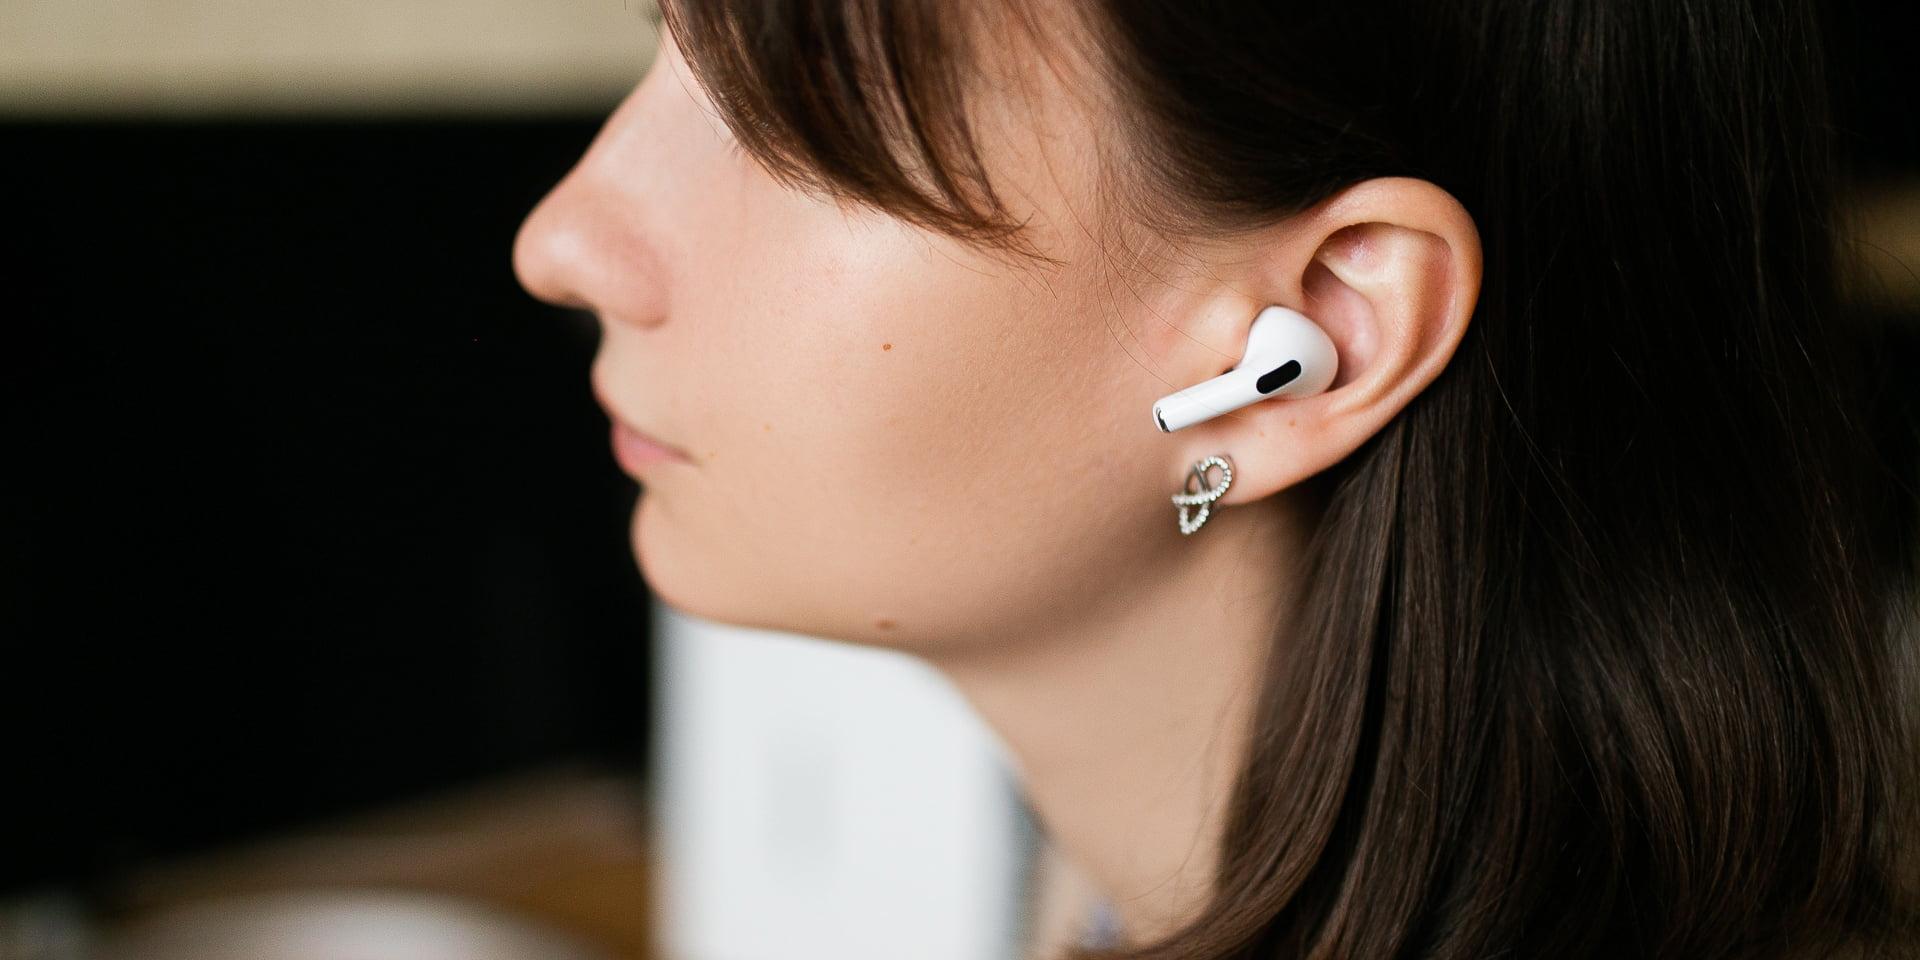 Смените микрофон по умолчанию в AirPods под нужное вам ухо